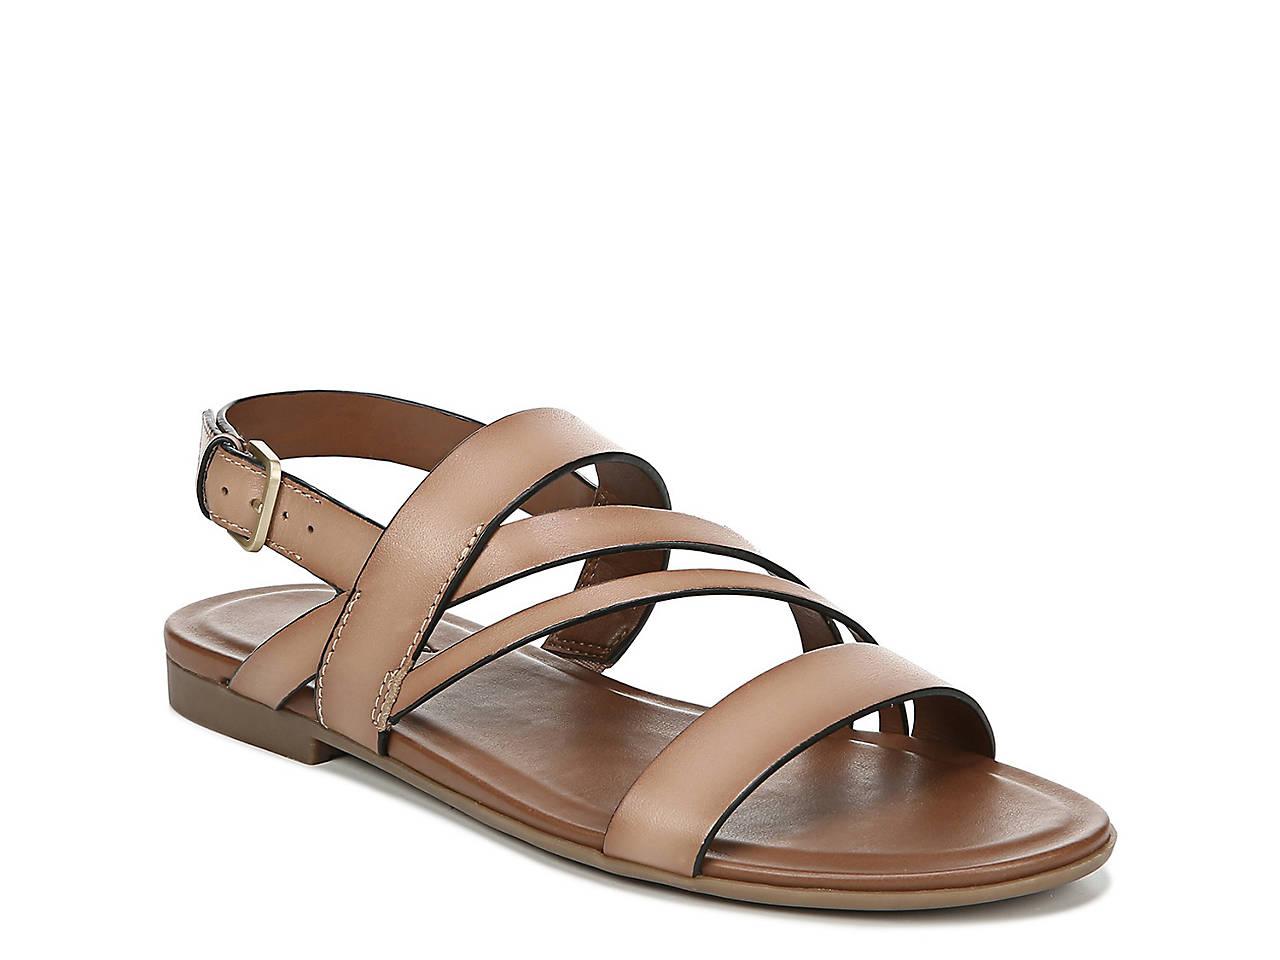 e78d7f39c058 Naturalizer Shelby Sandal Women s Shoes